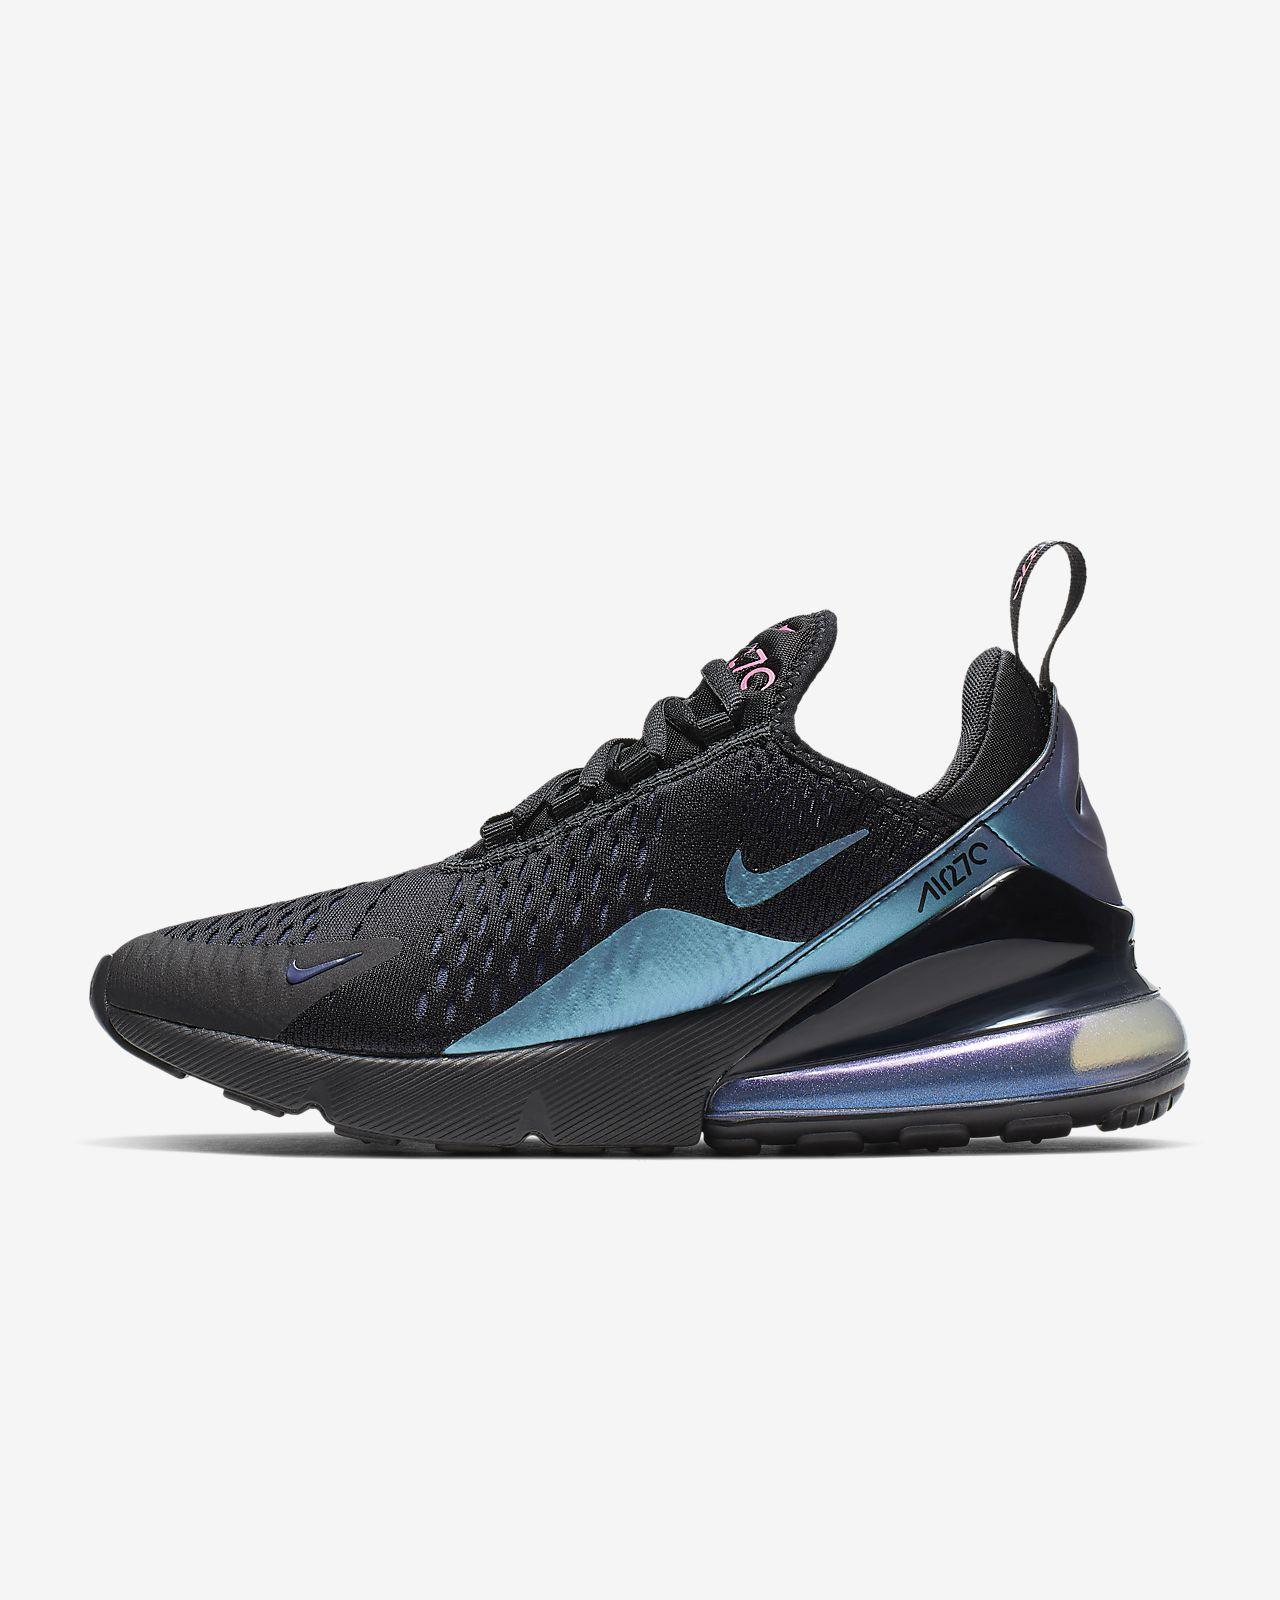 low priced f5fea 3dbb3 ... Nike Air Max 270 női cipő